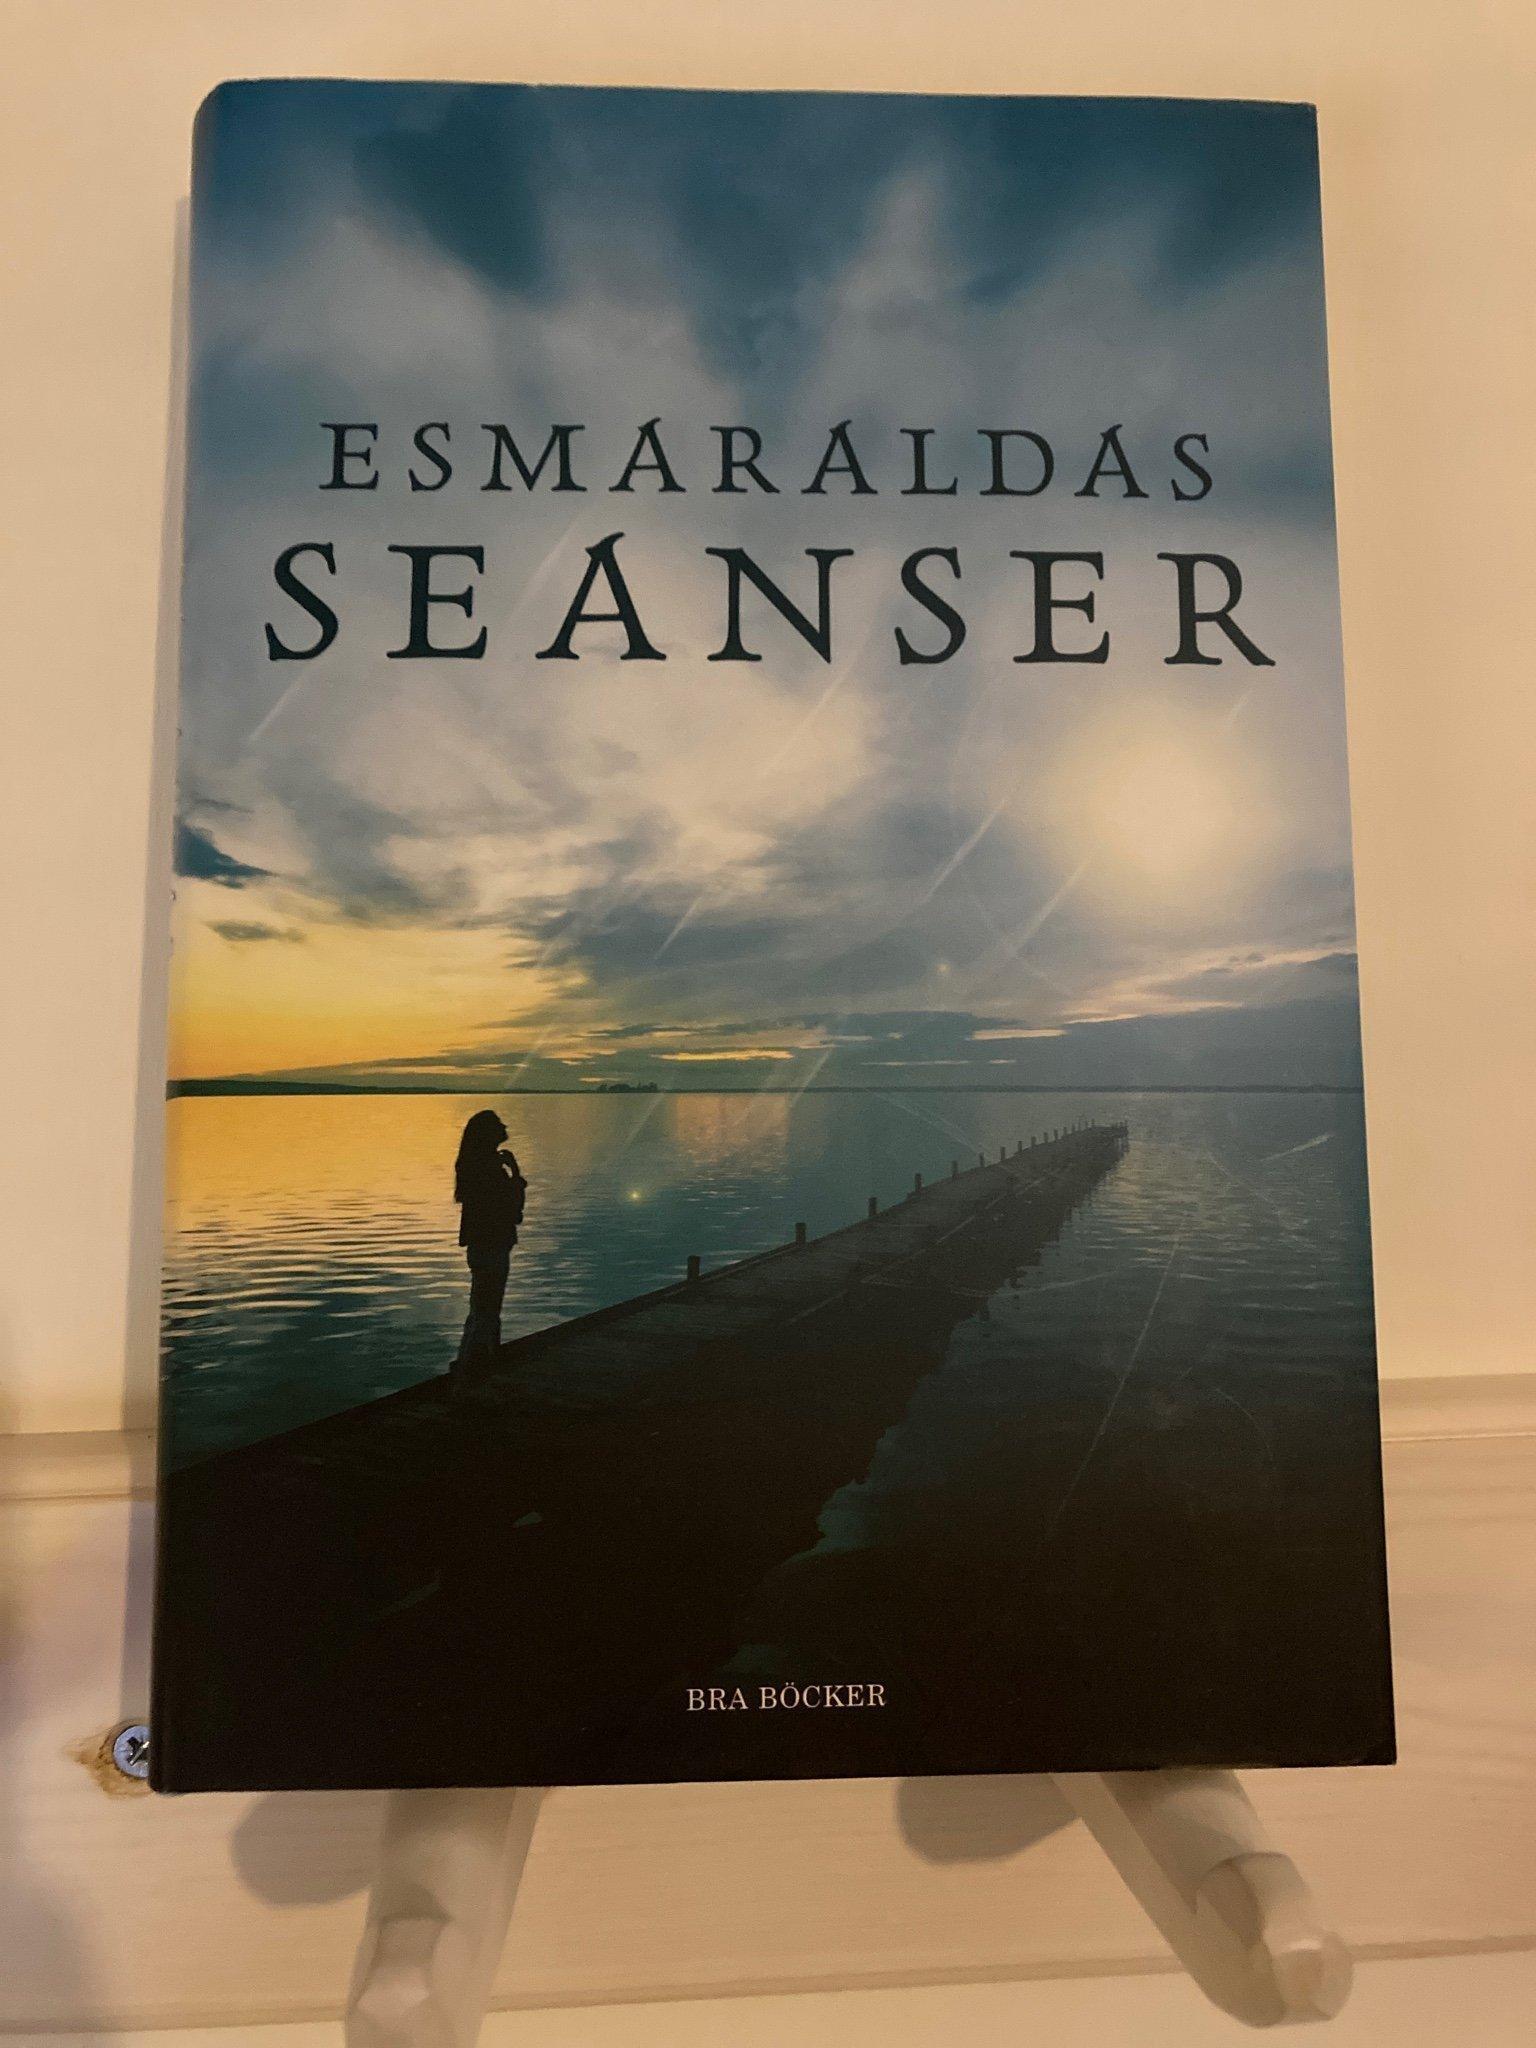 Esmeraldas Seanser